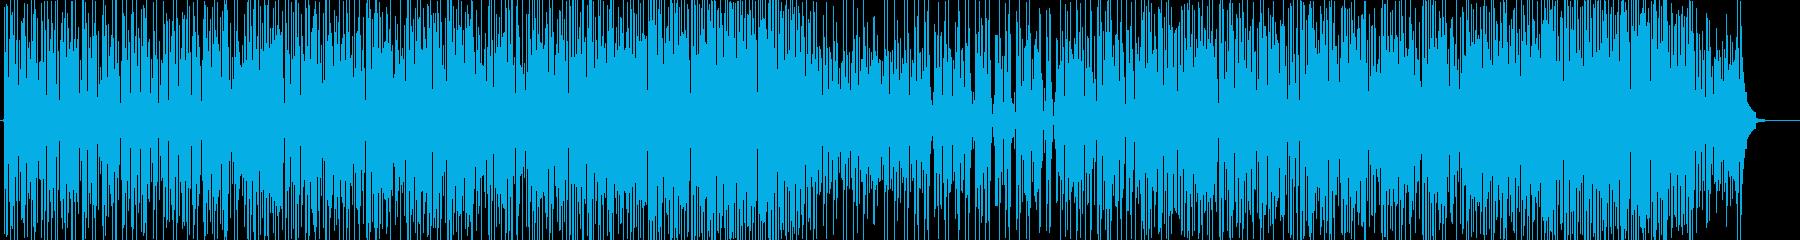 口笛の明るく爽やかなポップ曲-CM動画等の再生済みの波形